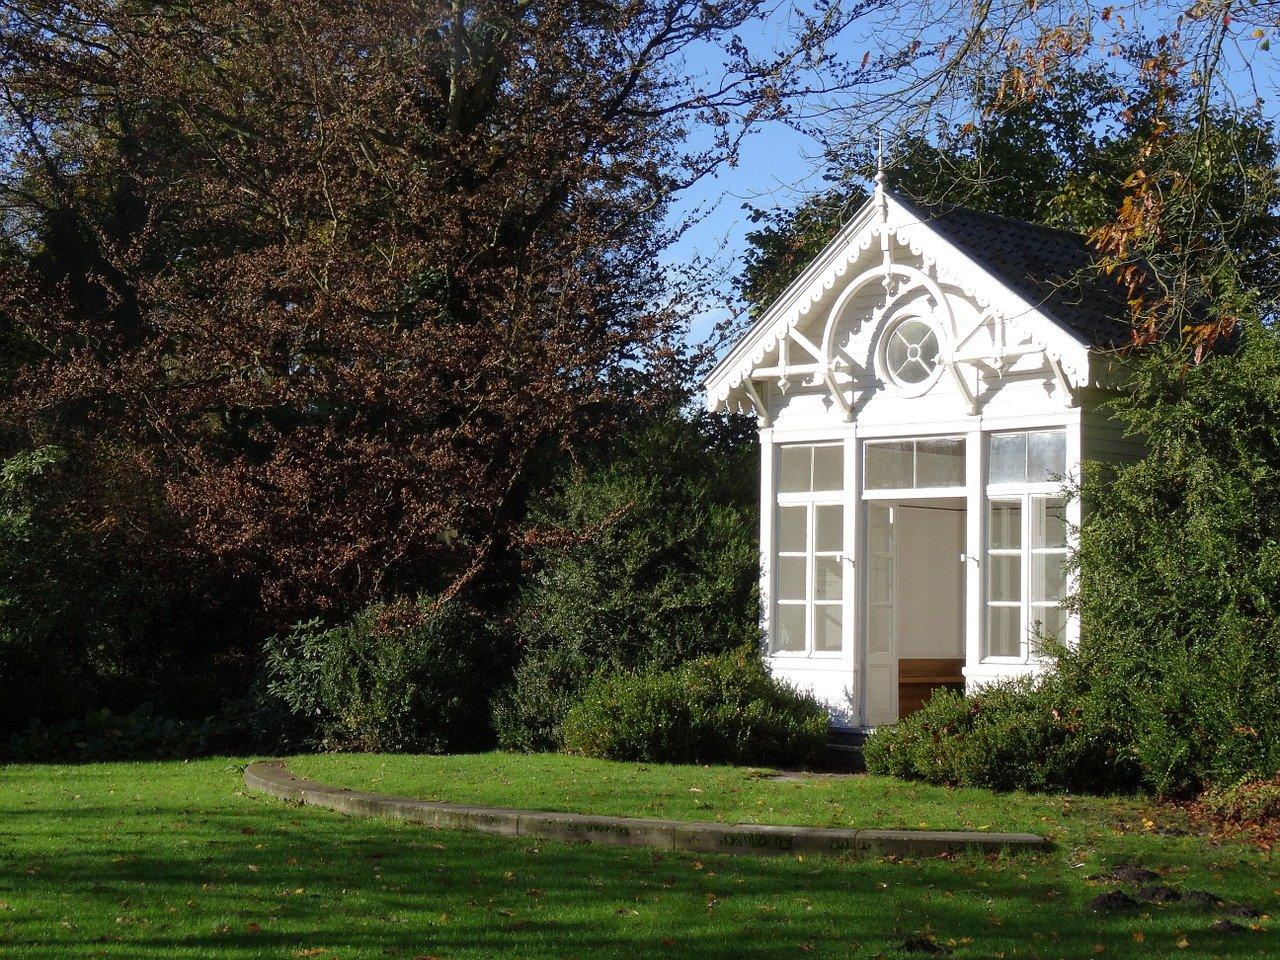 Das Gartenhaus – ein kleines und überaus nützliches Paradies schaffen